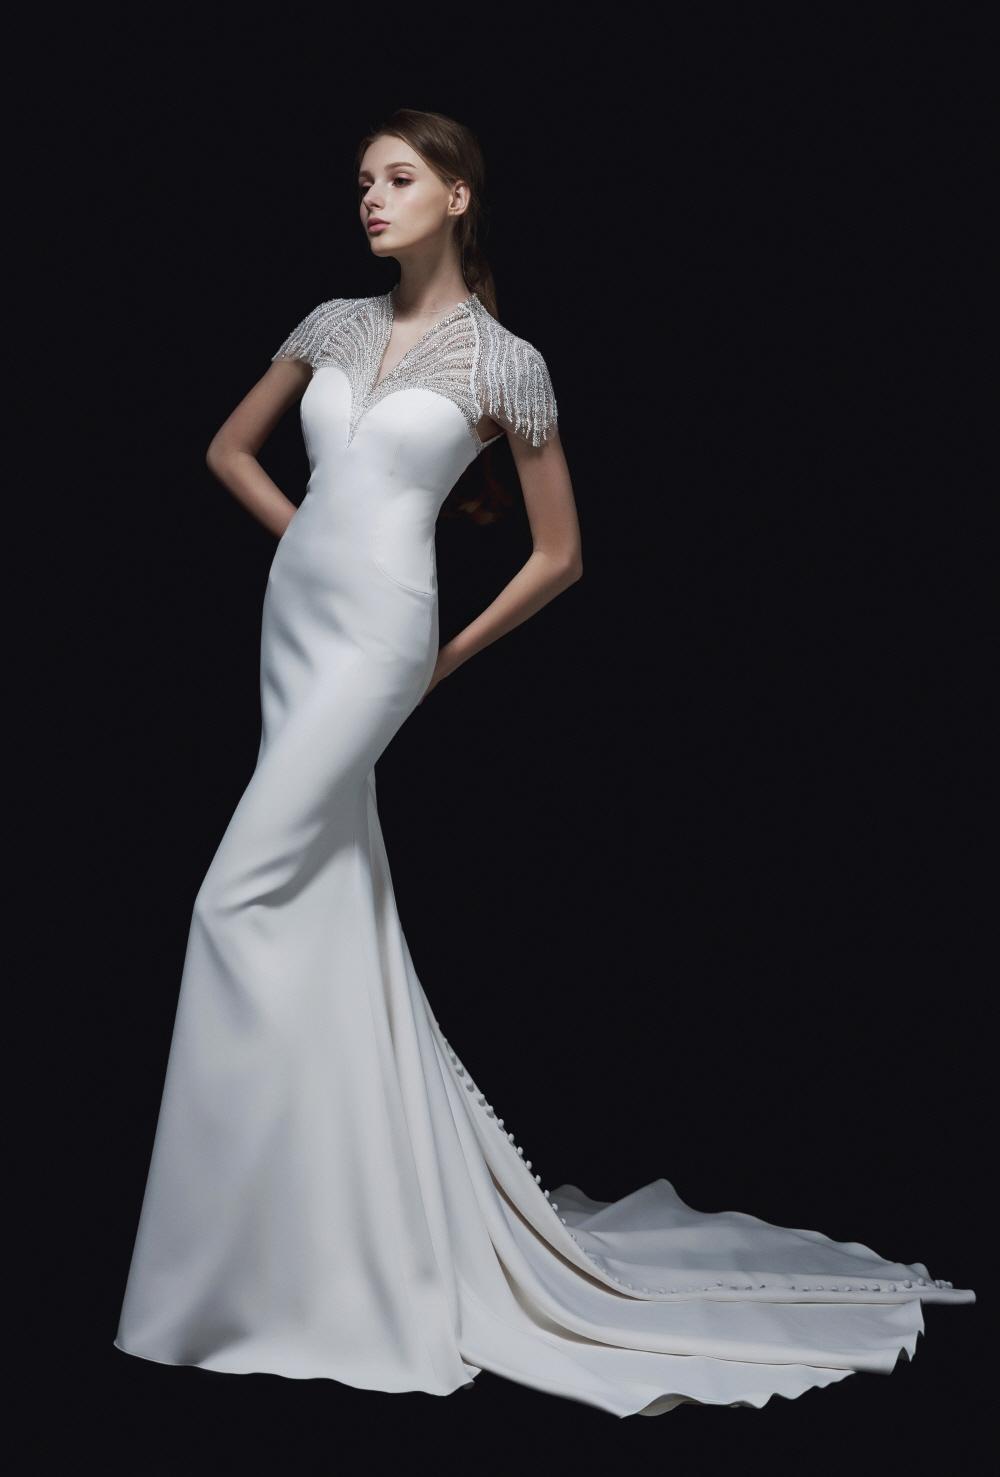 최재훈웨딩드레스 F/W NEW 신상 드레스